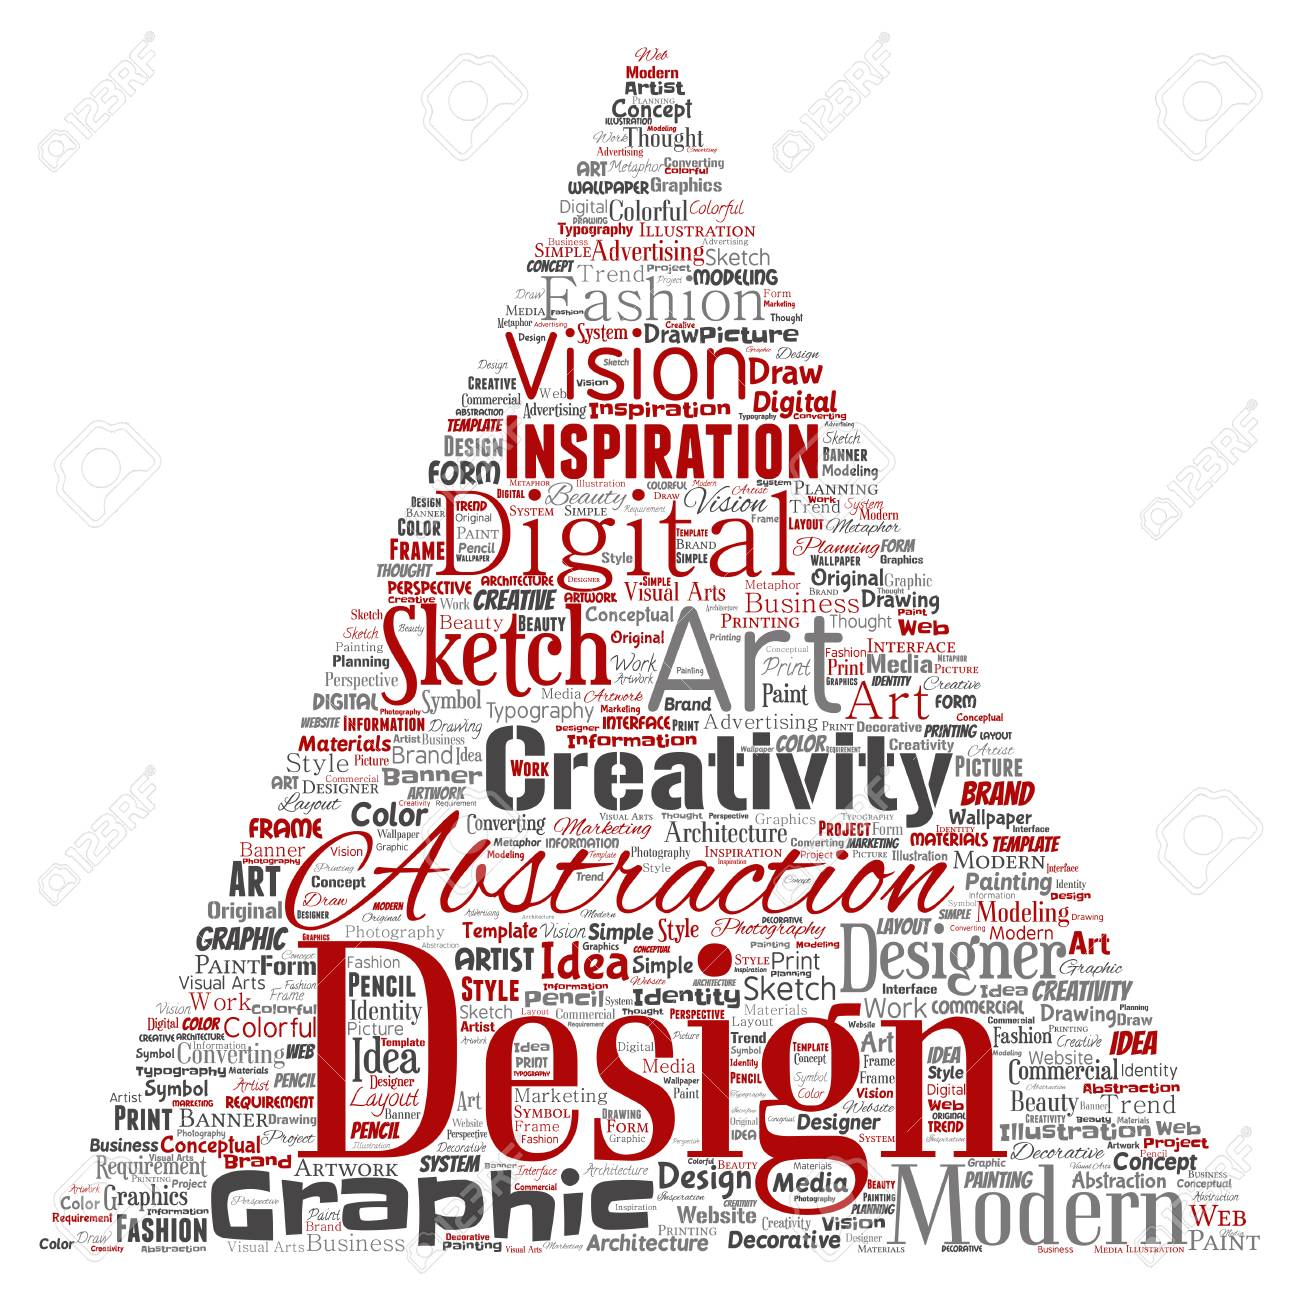 Vector Conceptual Creativity Art Graphic Identity Design Visual